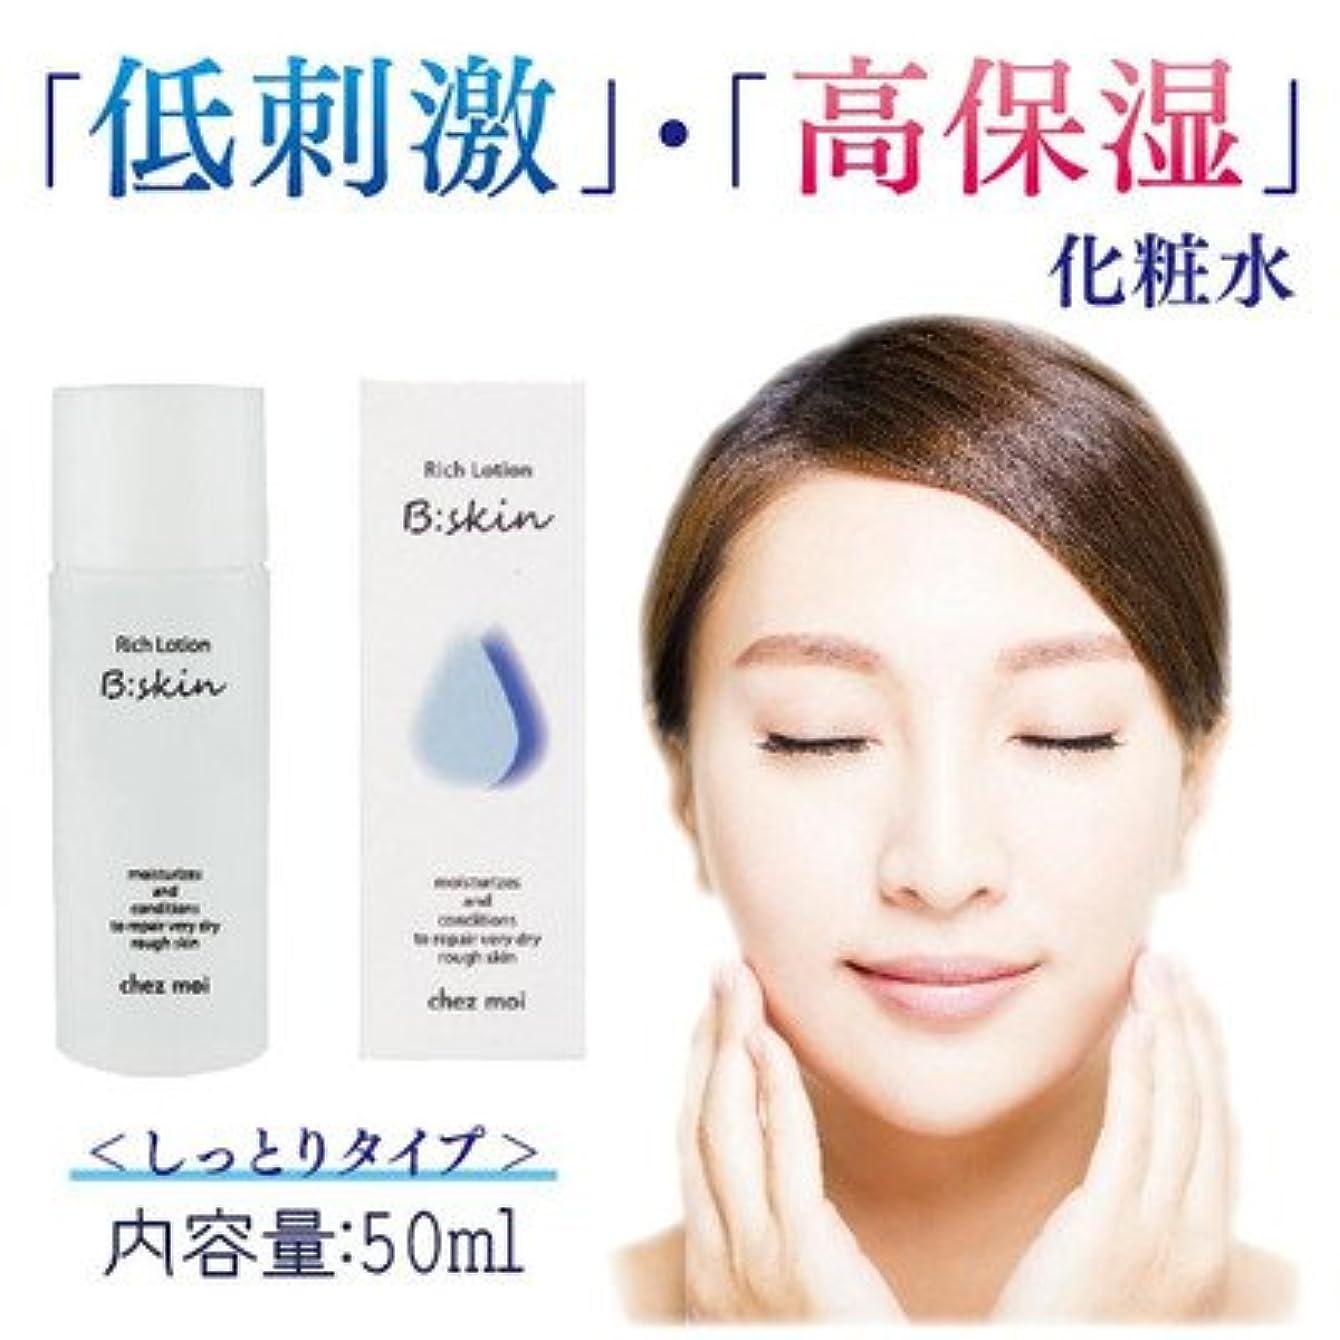 位置する広げるチャンピオン低刺激 高保湿 しっとりタイプの化粧水 B:skin ビースキン Rich Lotion リッチローション しっとりタイプ 化粧水 50mL